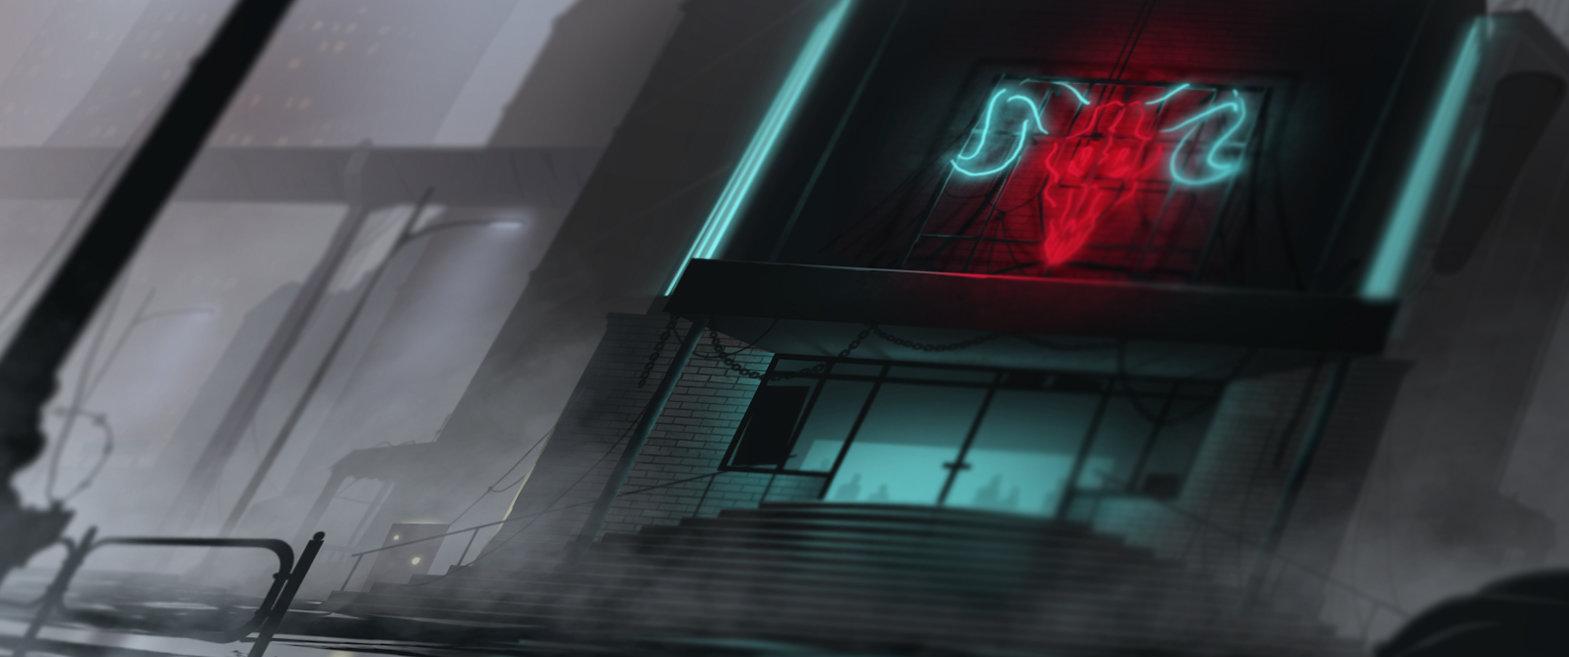 Gediminas skyrius club exterior blurred